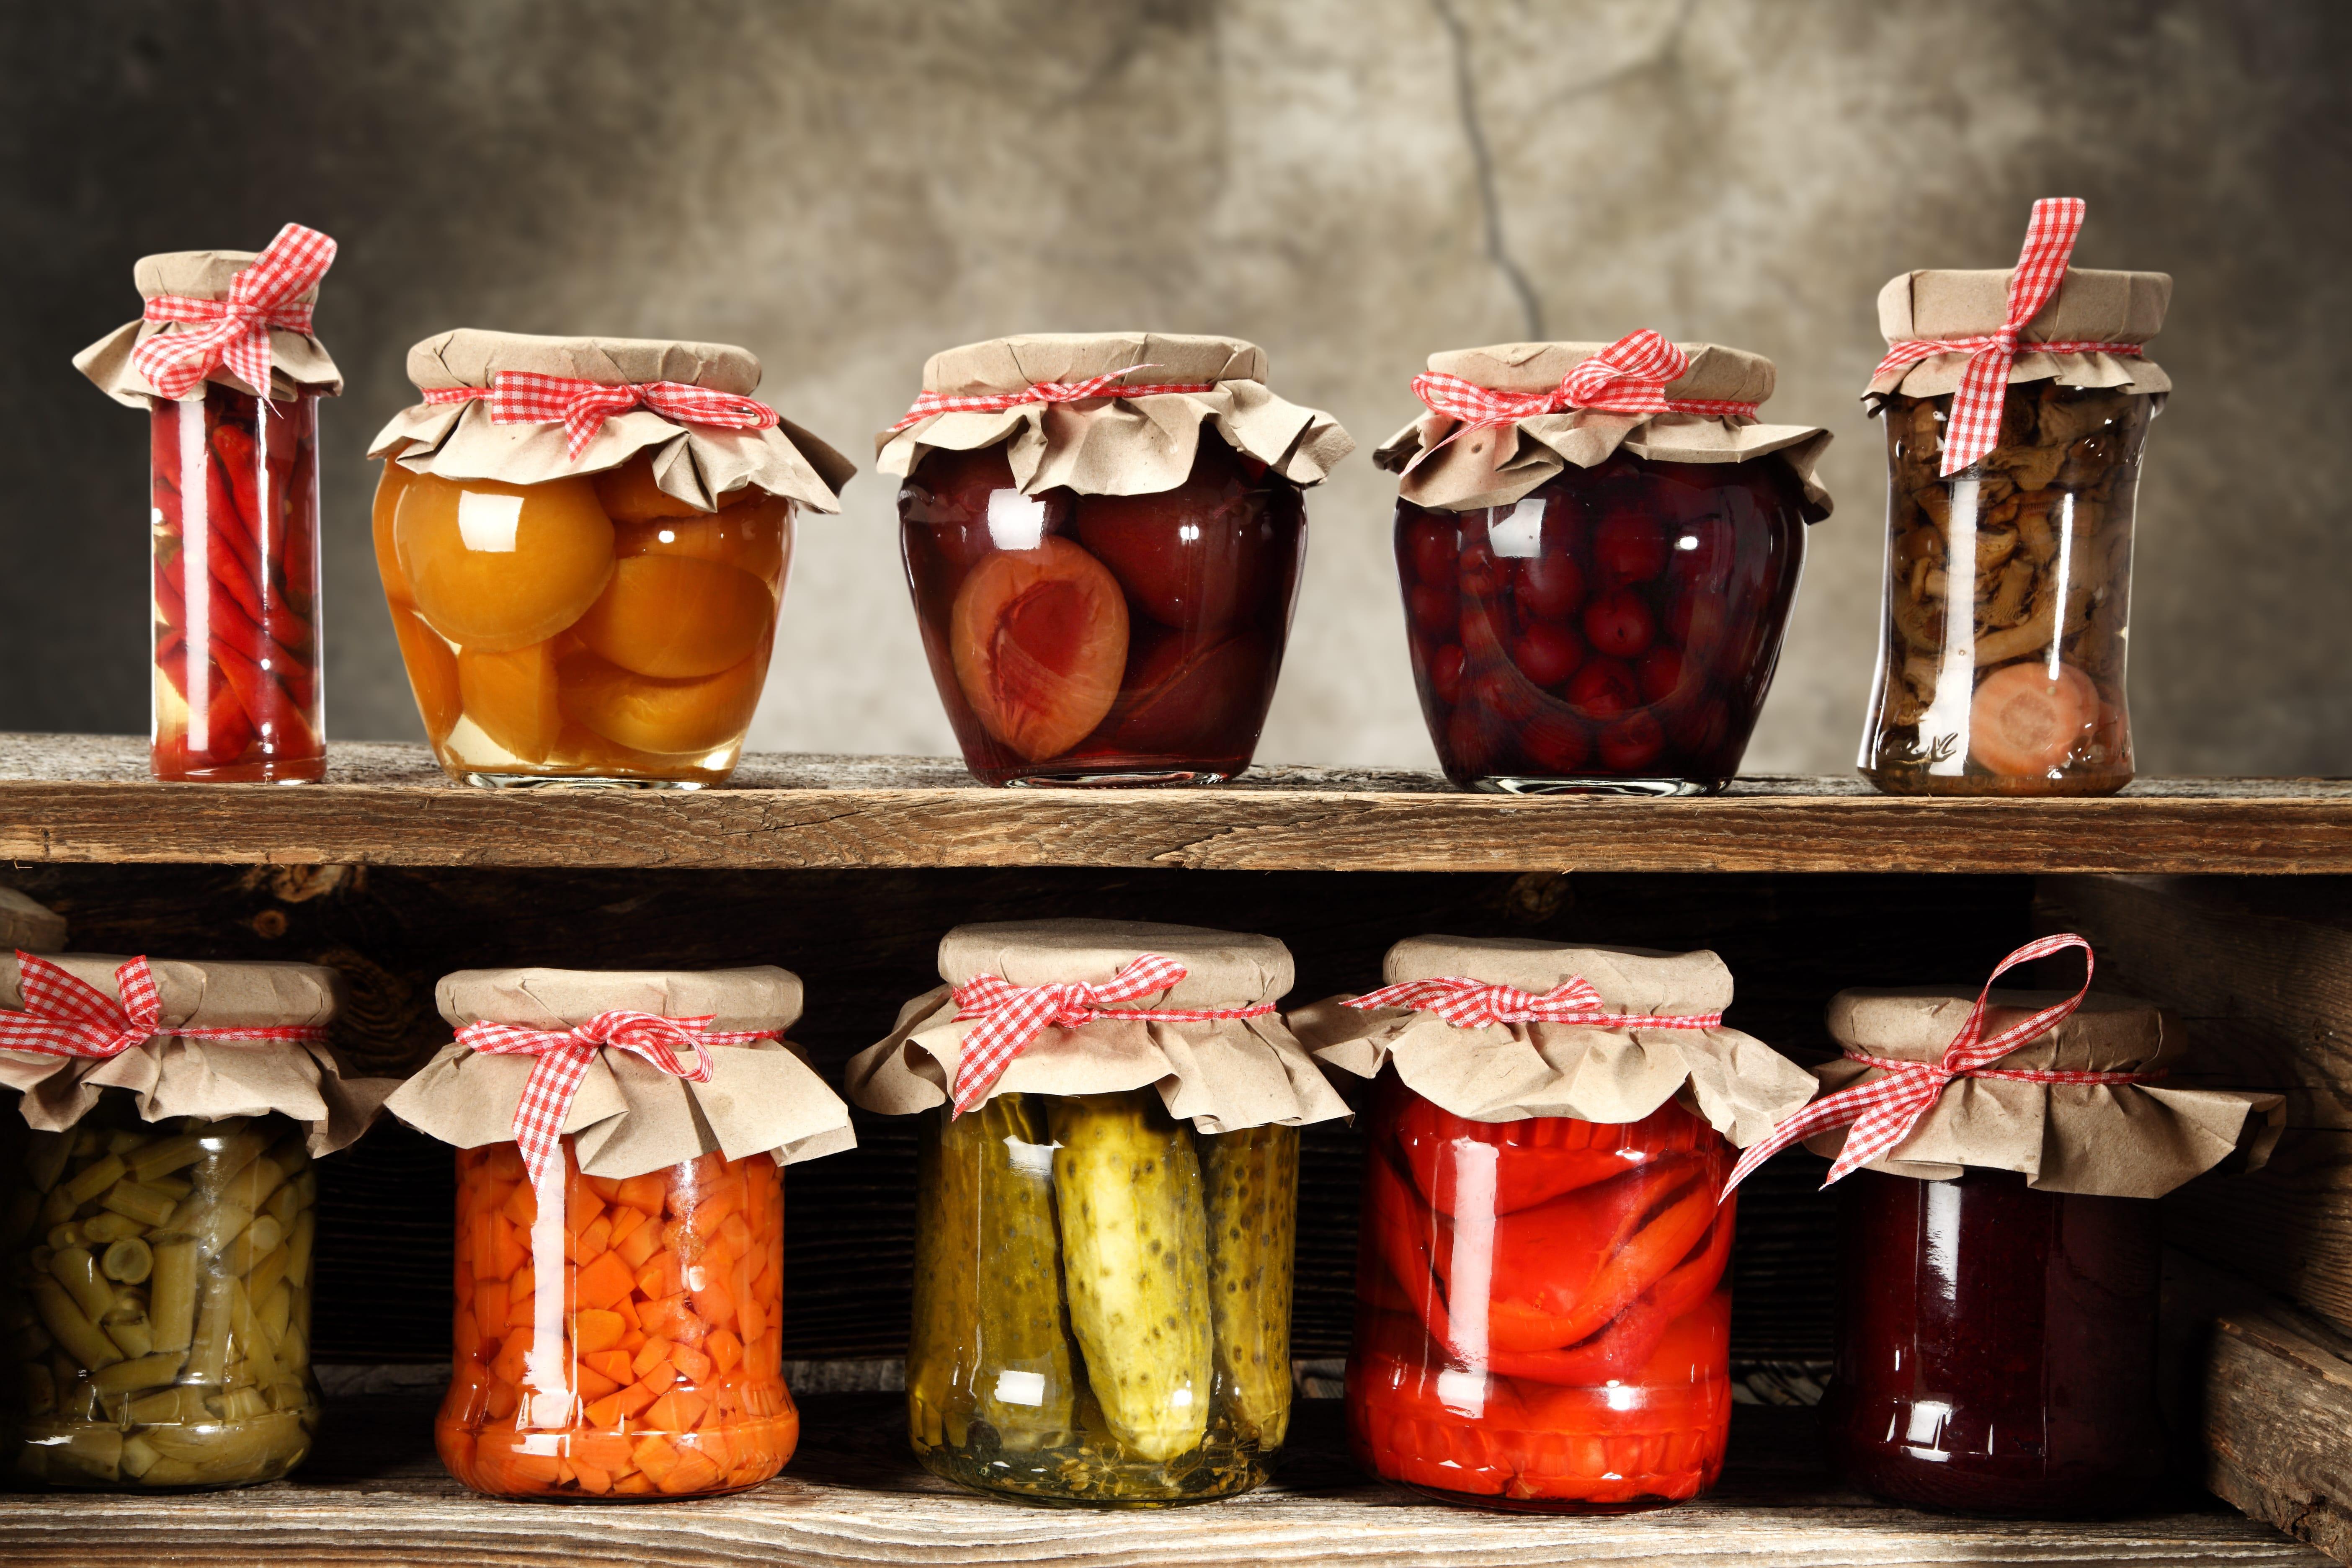 Ordnung in der Speisekammer schaffen – 5 Tipps für mehr Übersichtlichkeit